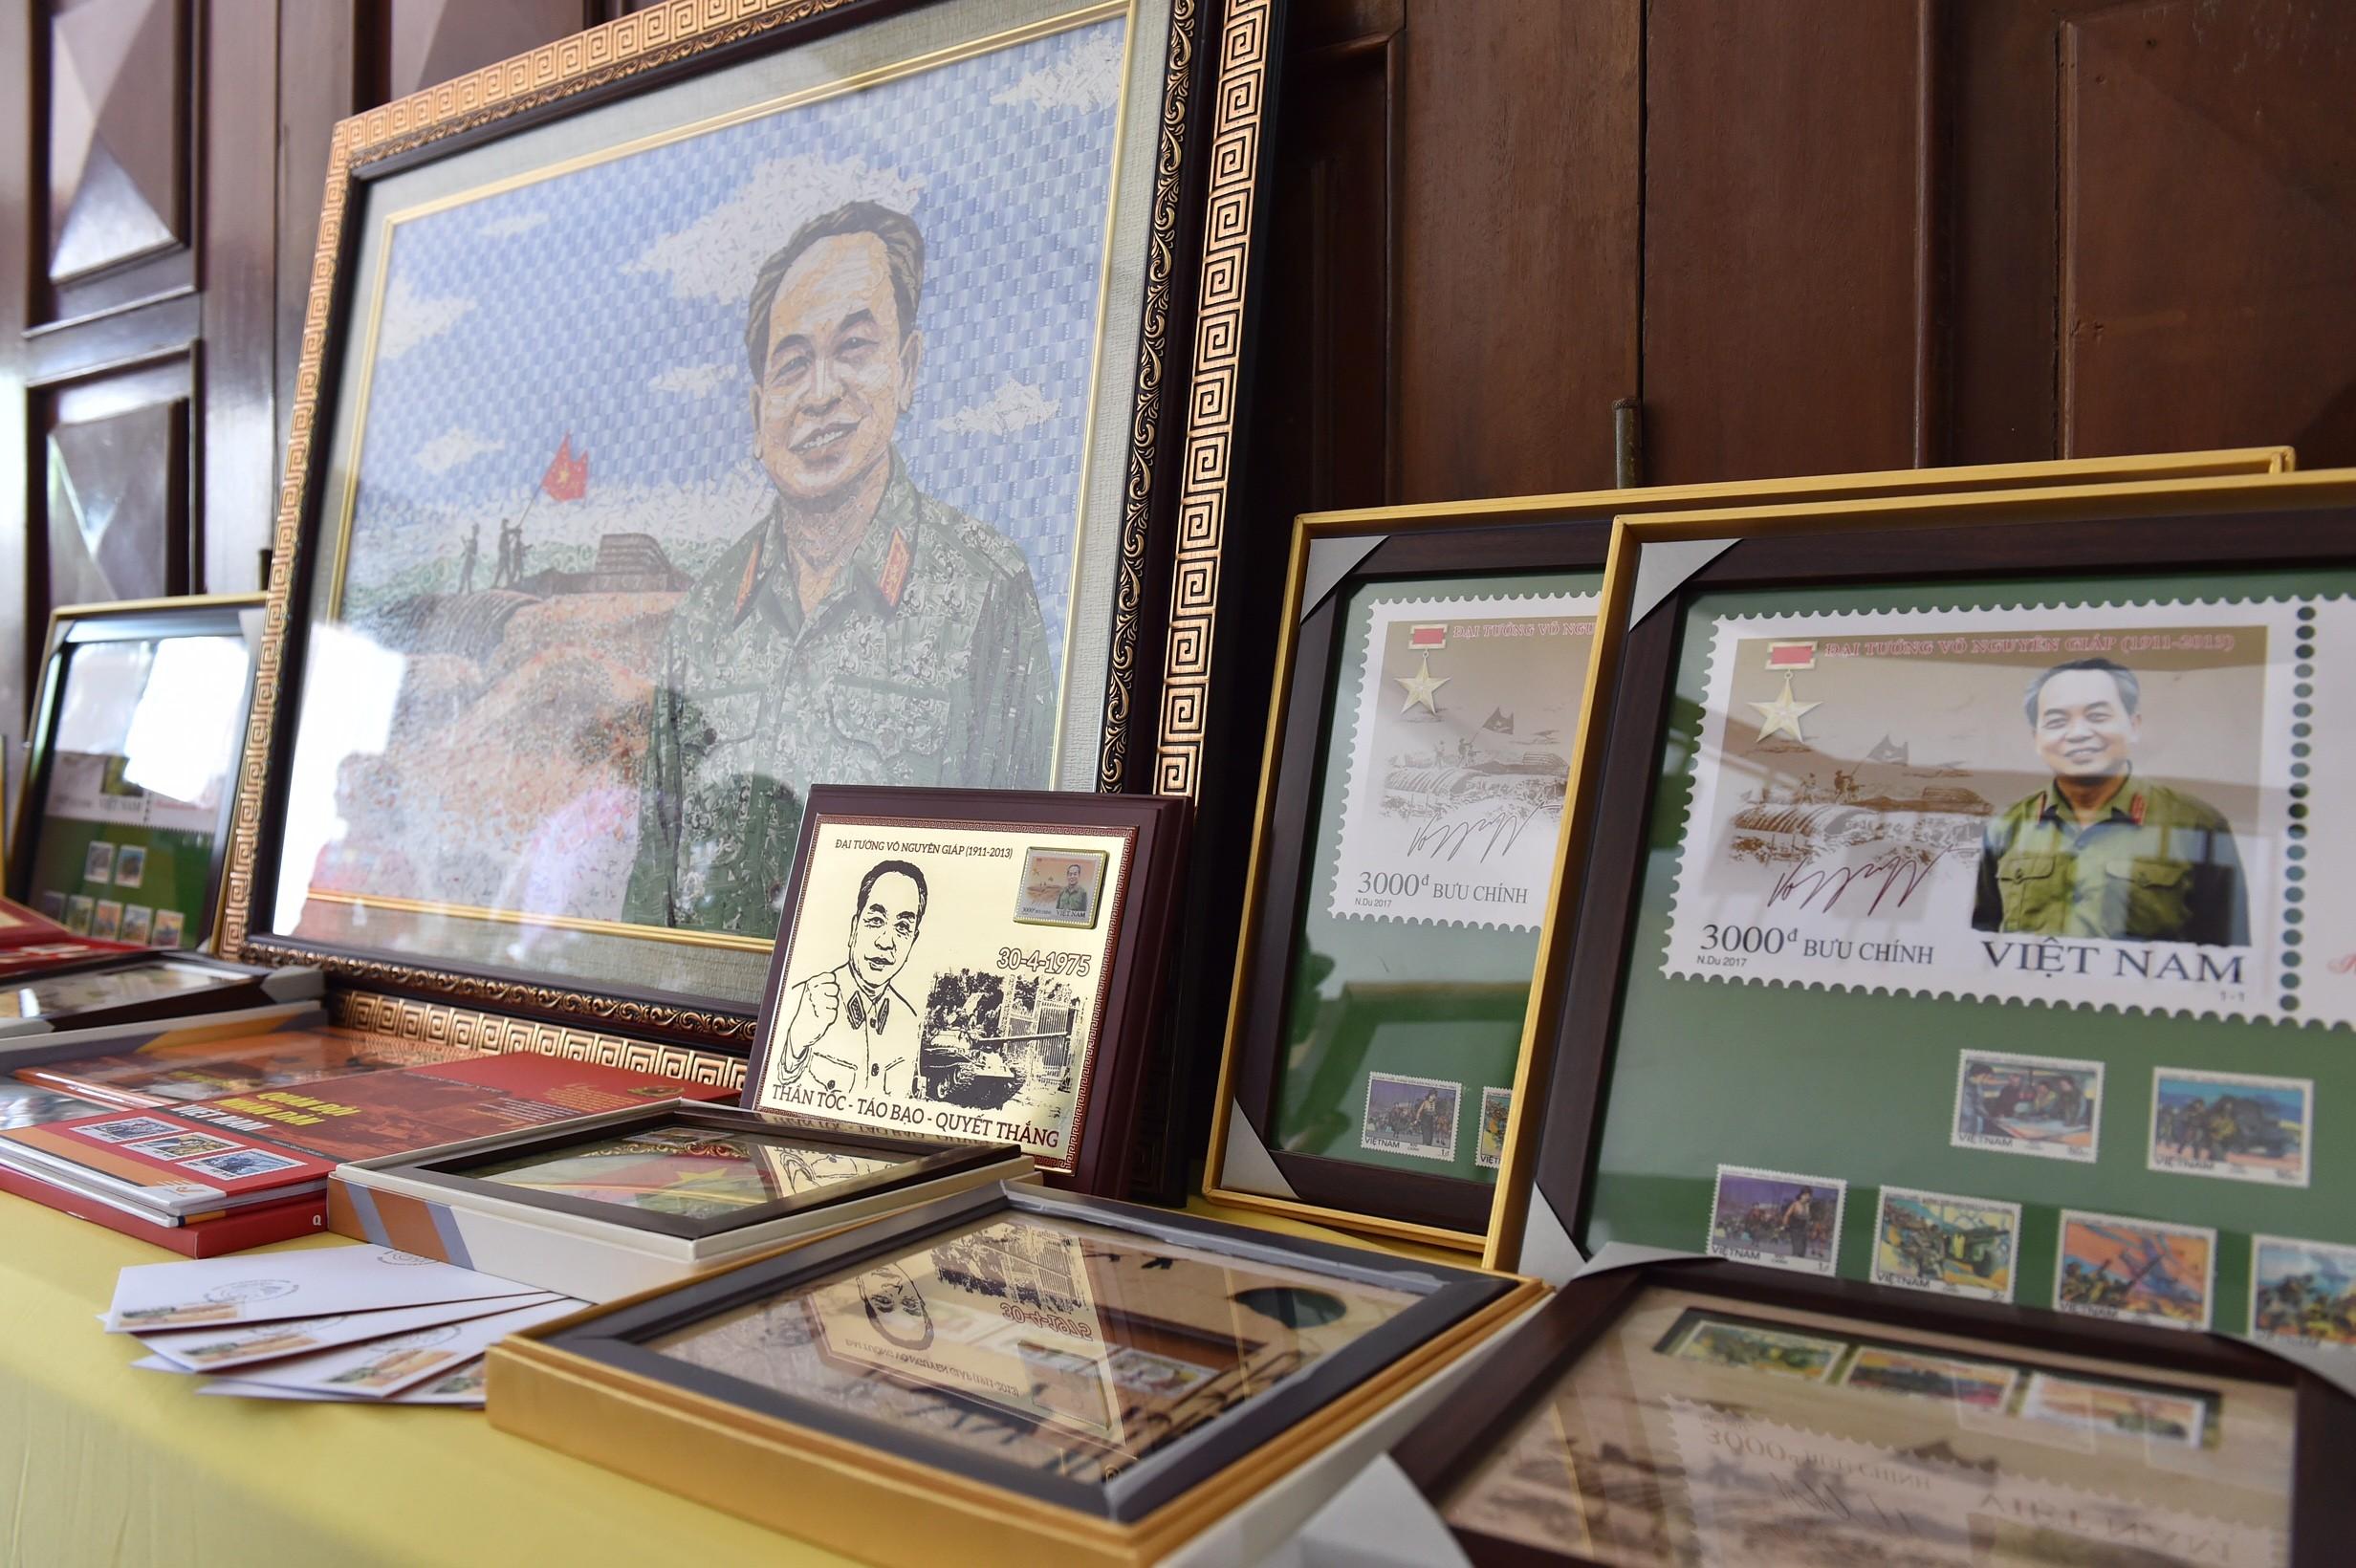 Chính trị - Xã hội - Thủ tướng dự lễ phát hành đặc biệt bộ tem bưu chính Đại tướng Võ Nguyên Giáp (Hình 2).